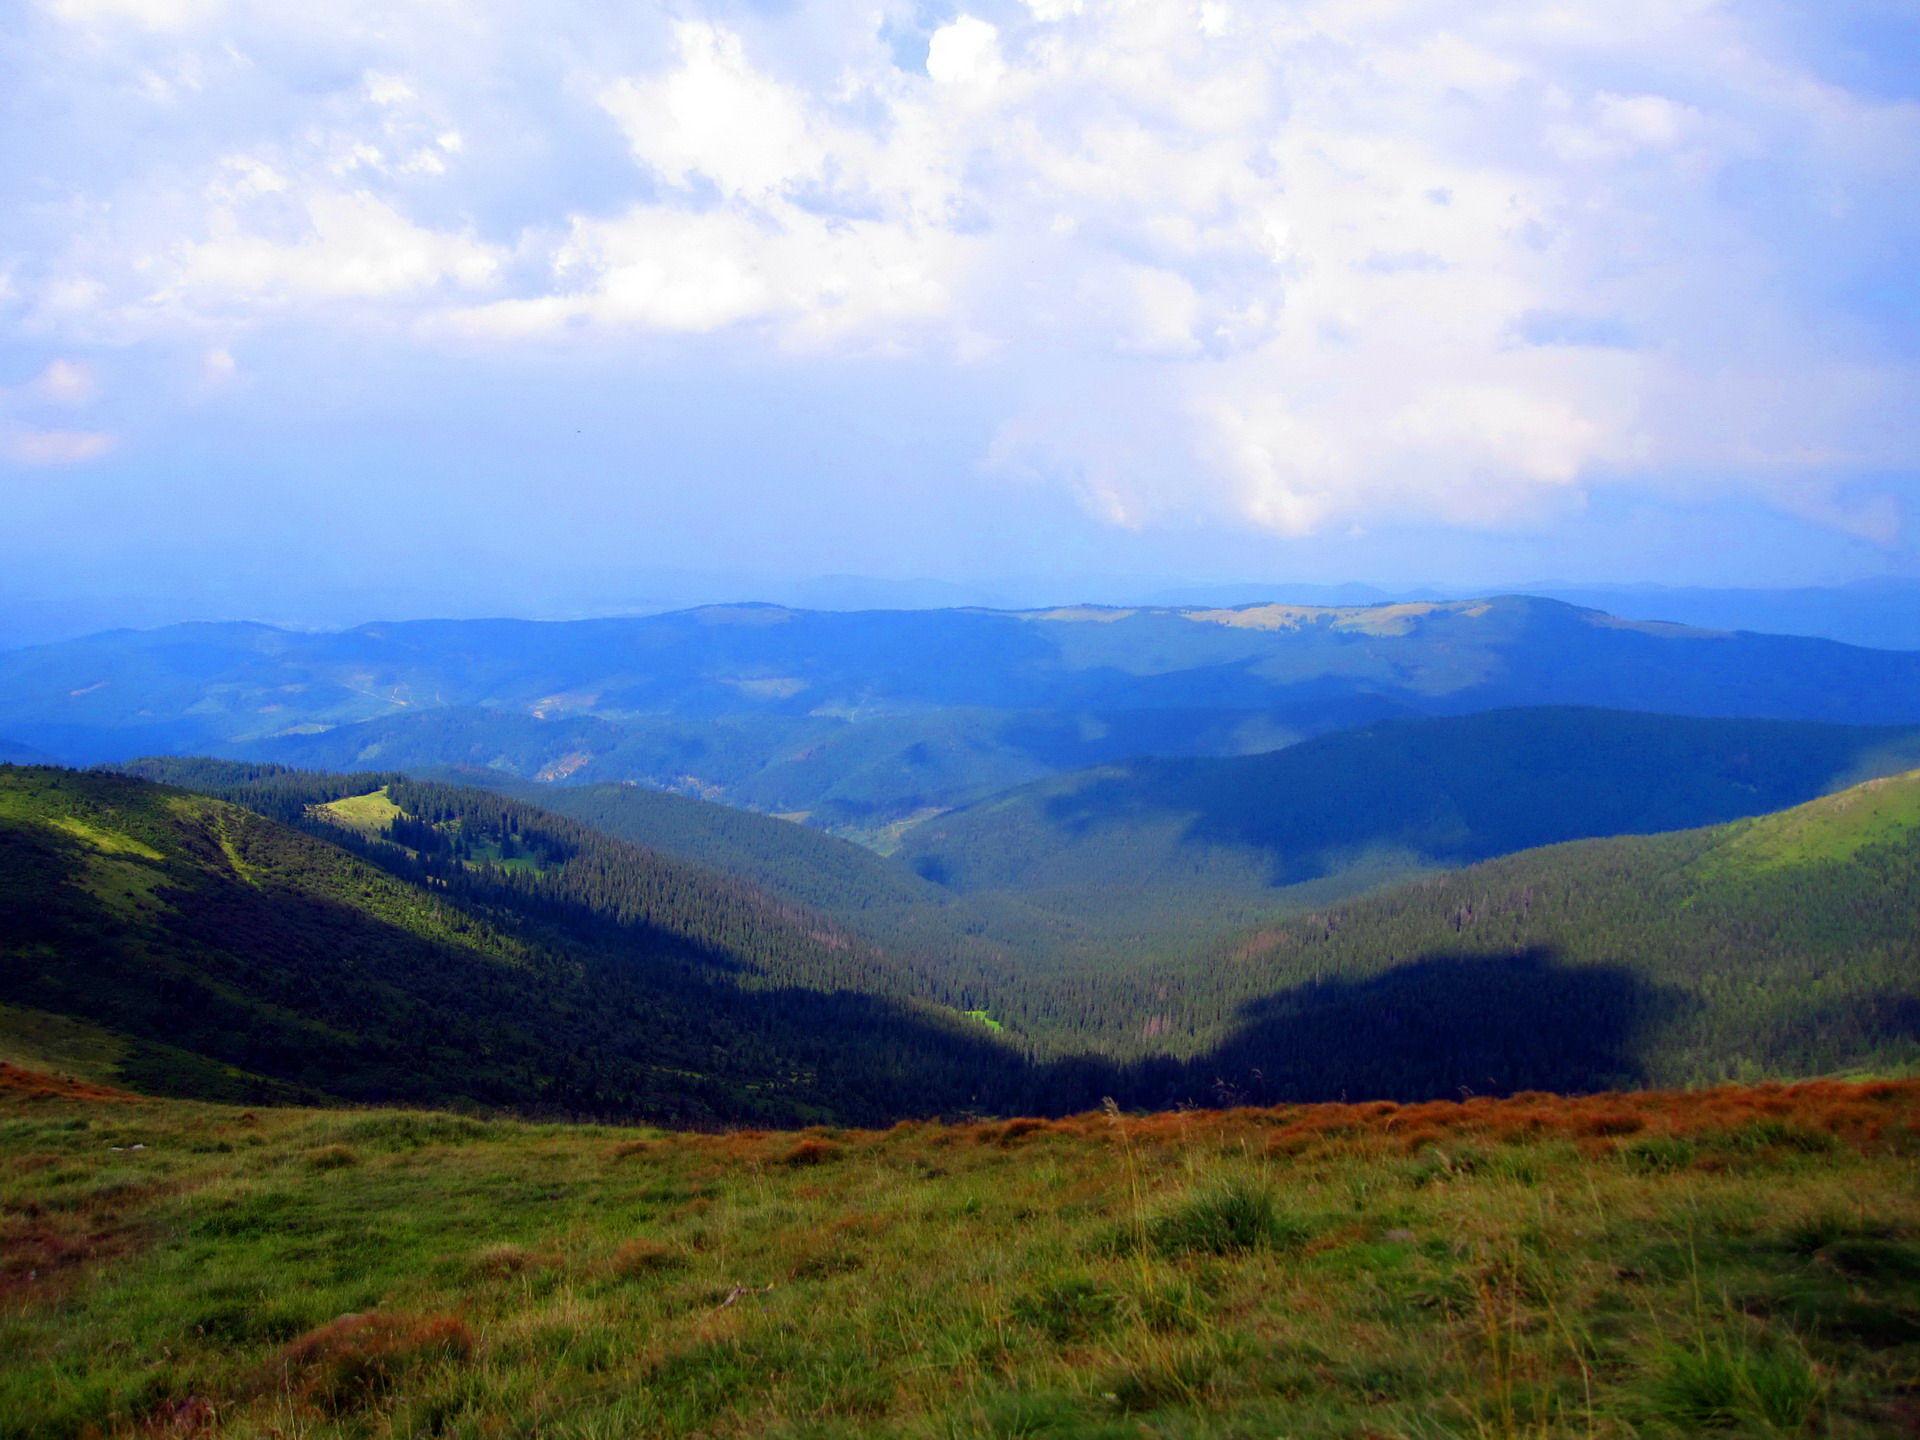 Підйом на Говерлу, Чорногірський хребет